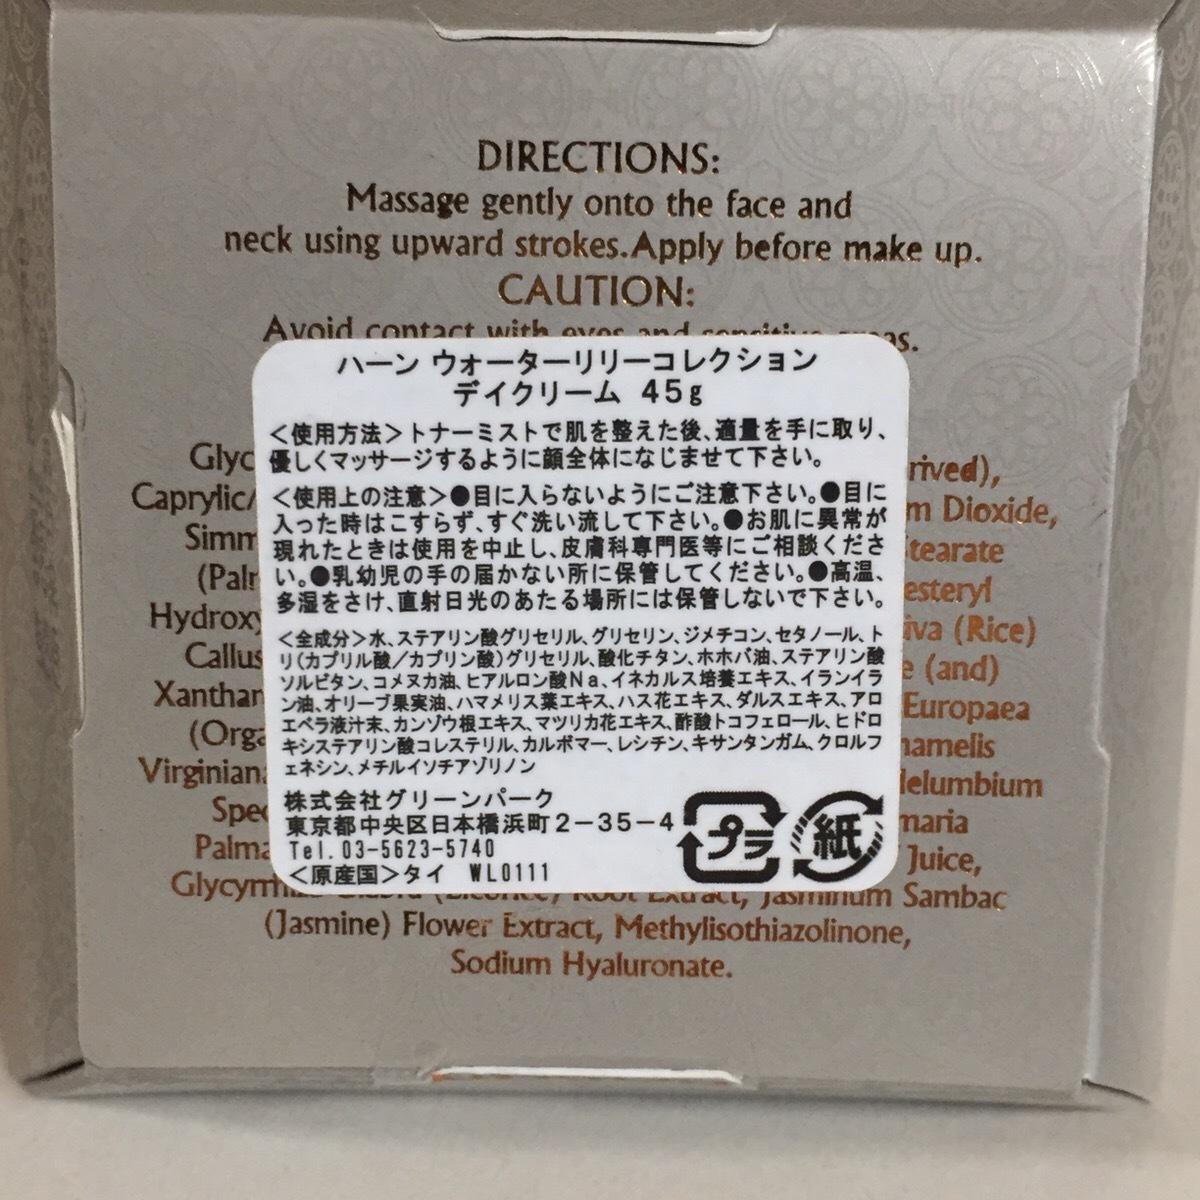 HARNN ハーン 化粧品 訳あり 18点セット 化粧水 ボディーオイルスプレー モイスチャライザーハンドクリーム コンディショナー デイクリーム_画像5